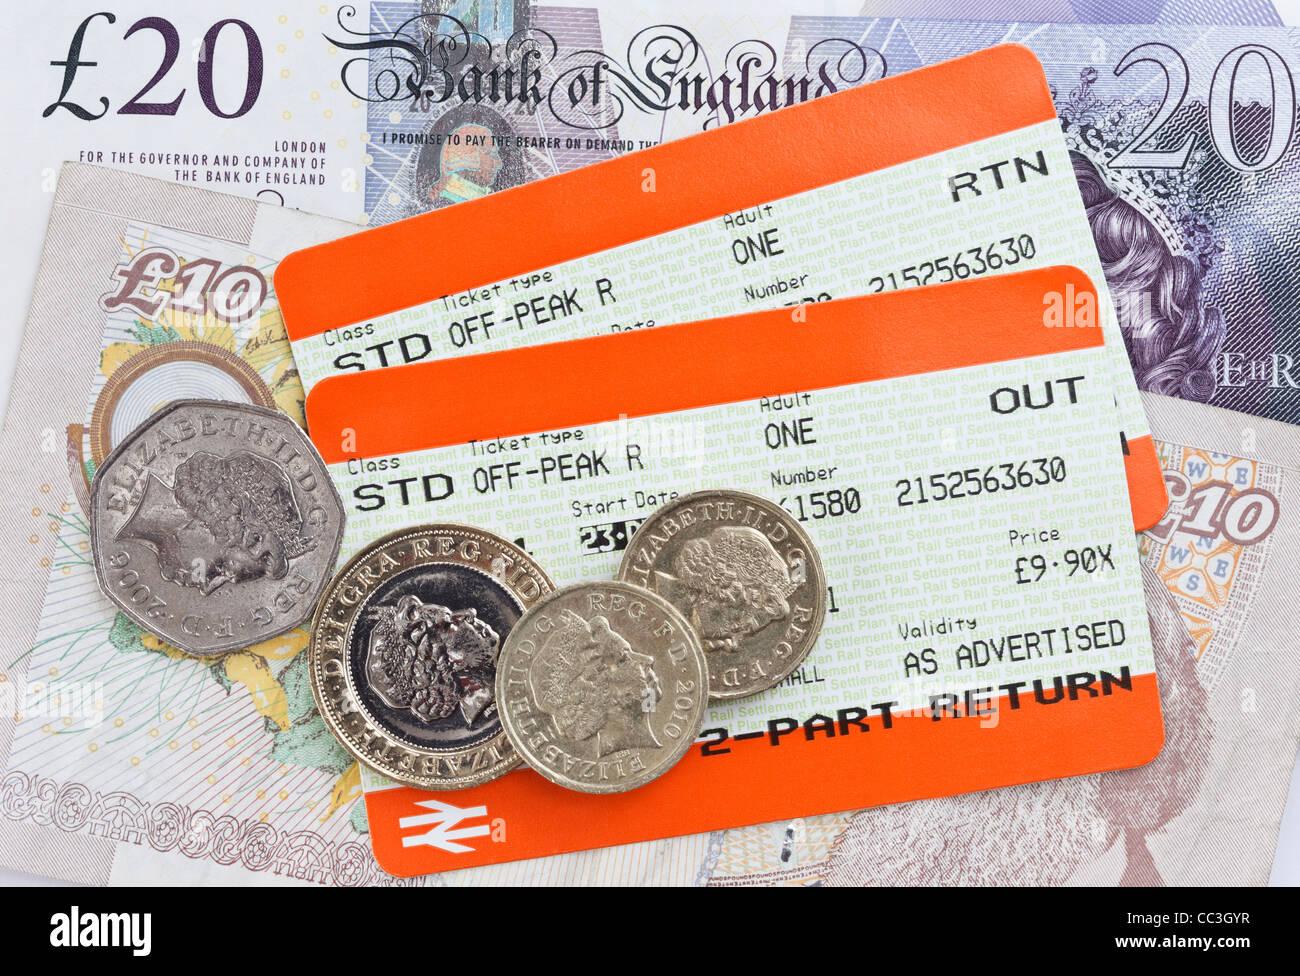 Regno Unito due biglietti del treno per Standard off-valore di picco viaggiare fuori e tornare con sterling denaro Immagini Stock